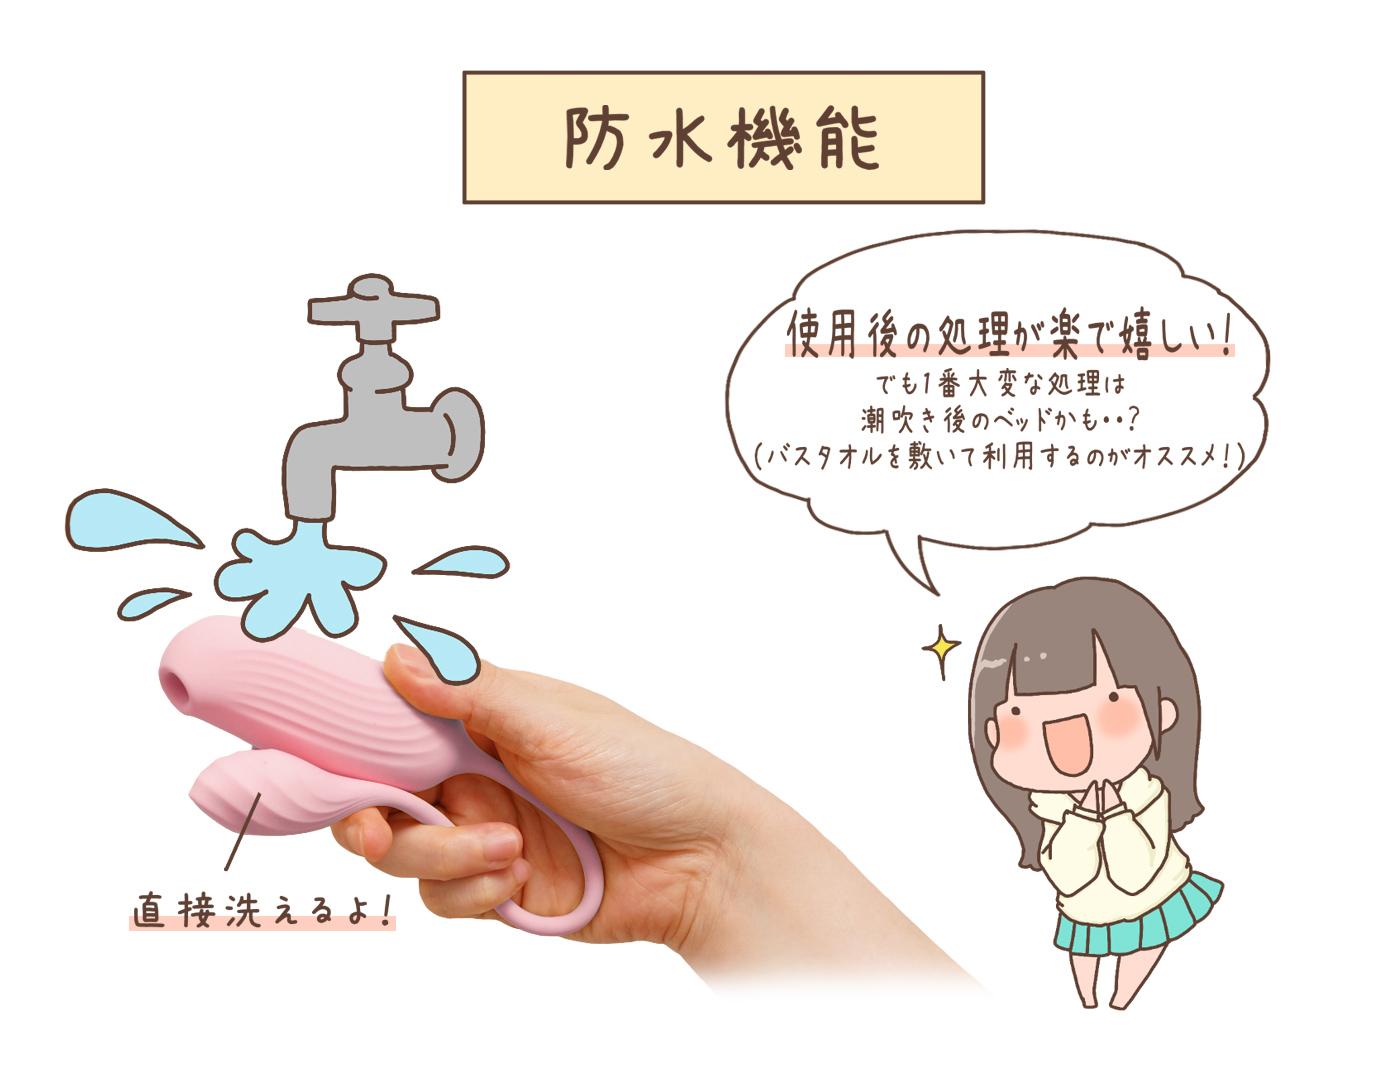 fei niao xiang